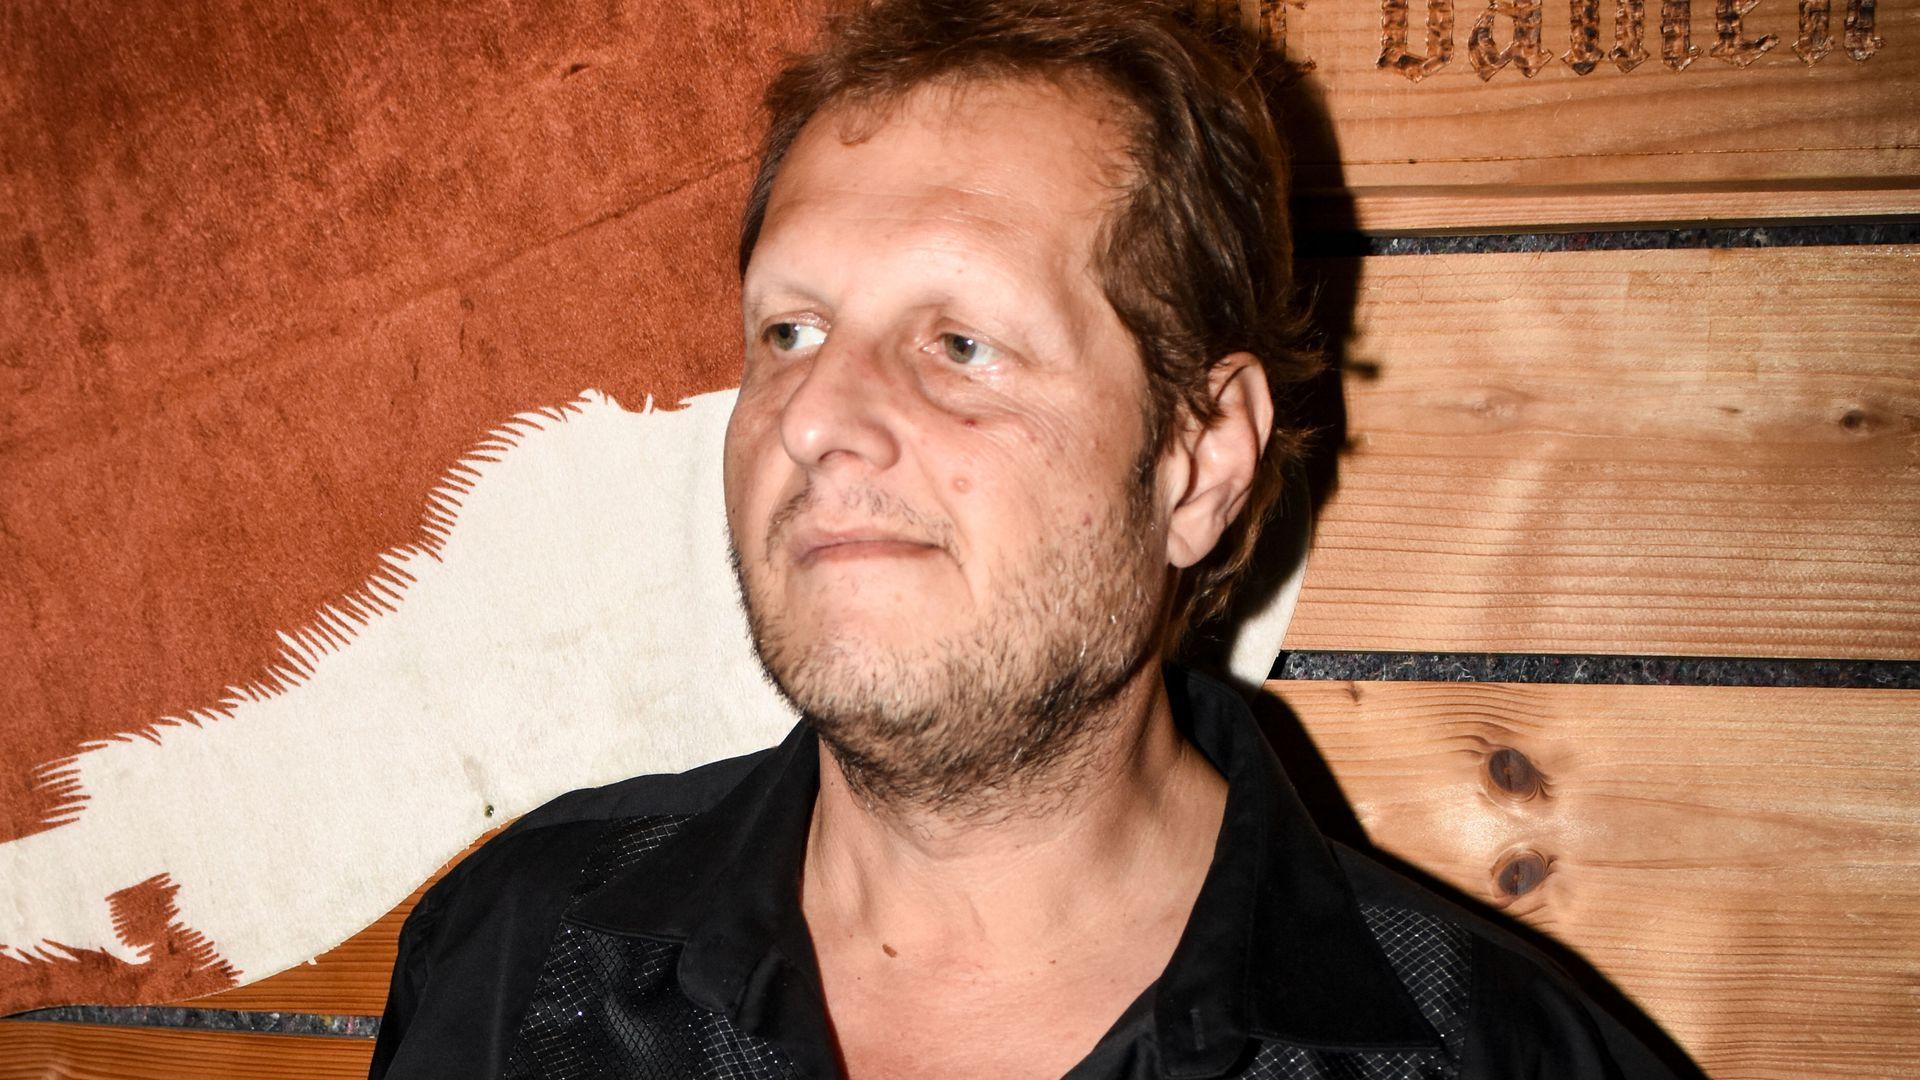 Jens.Büchner